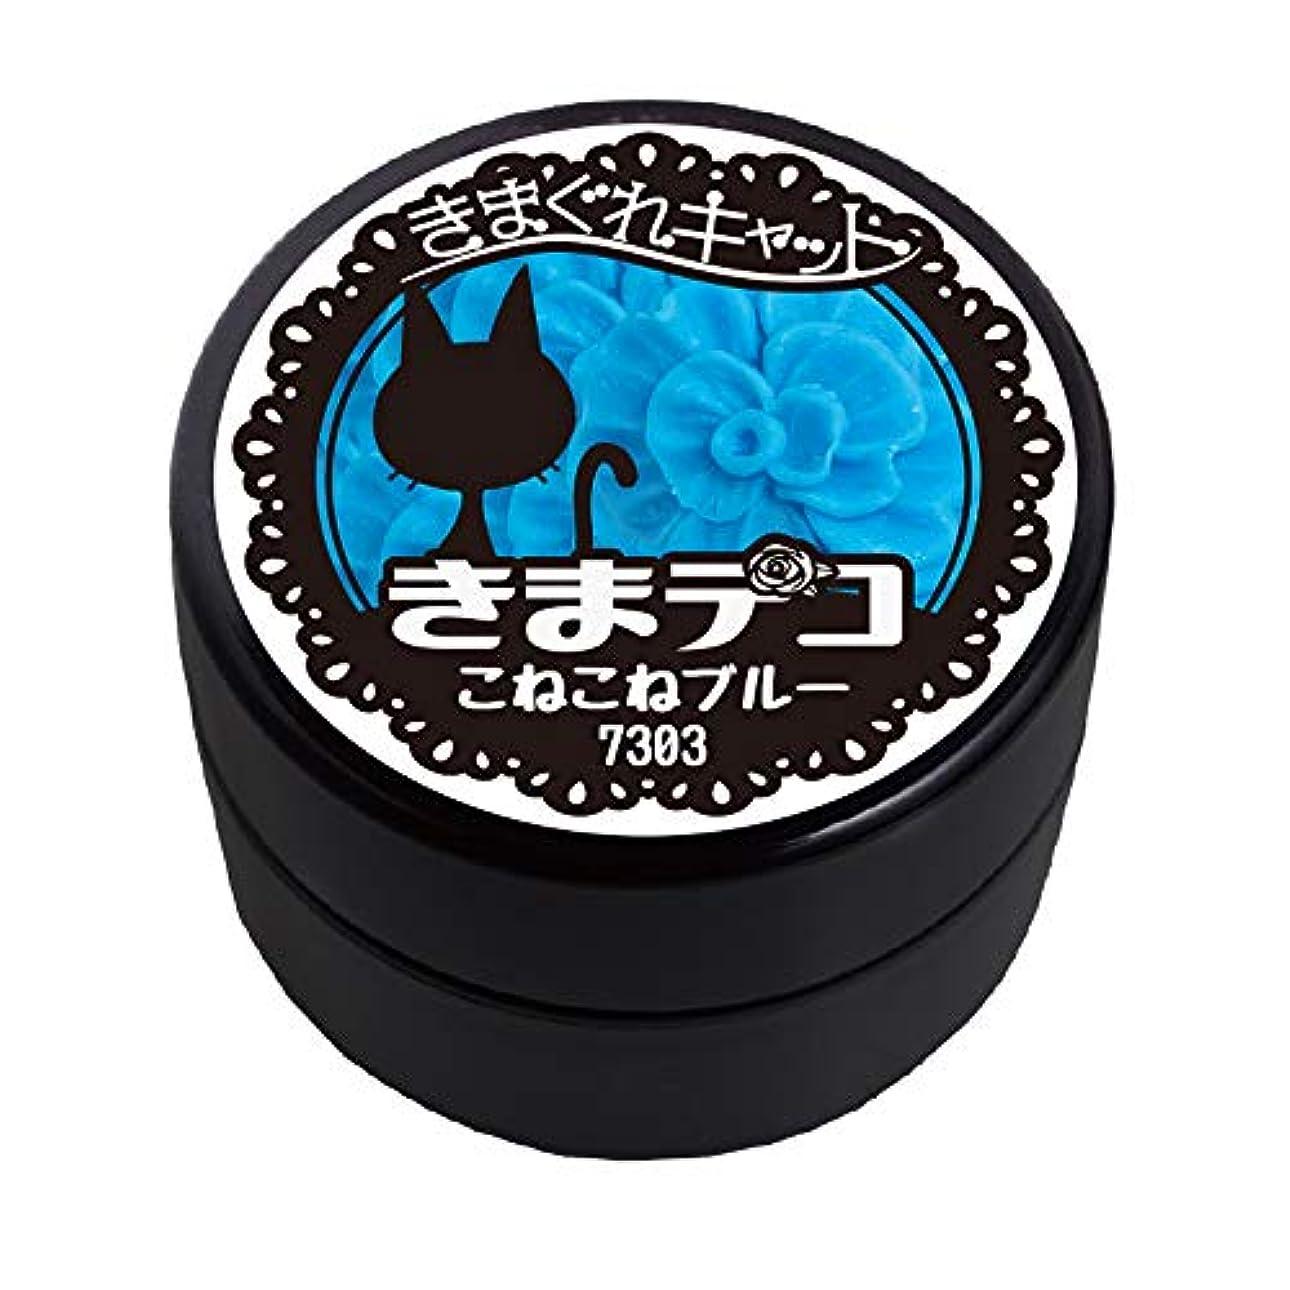 Bettygel きまデコ こねこねブルー KDC-7303 15g UV/LED対応